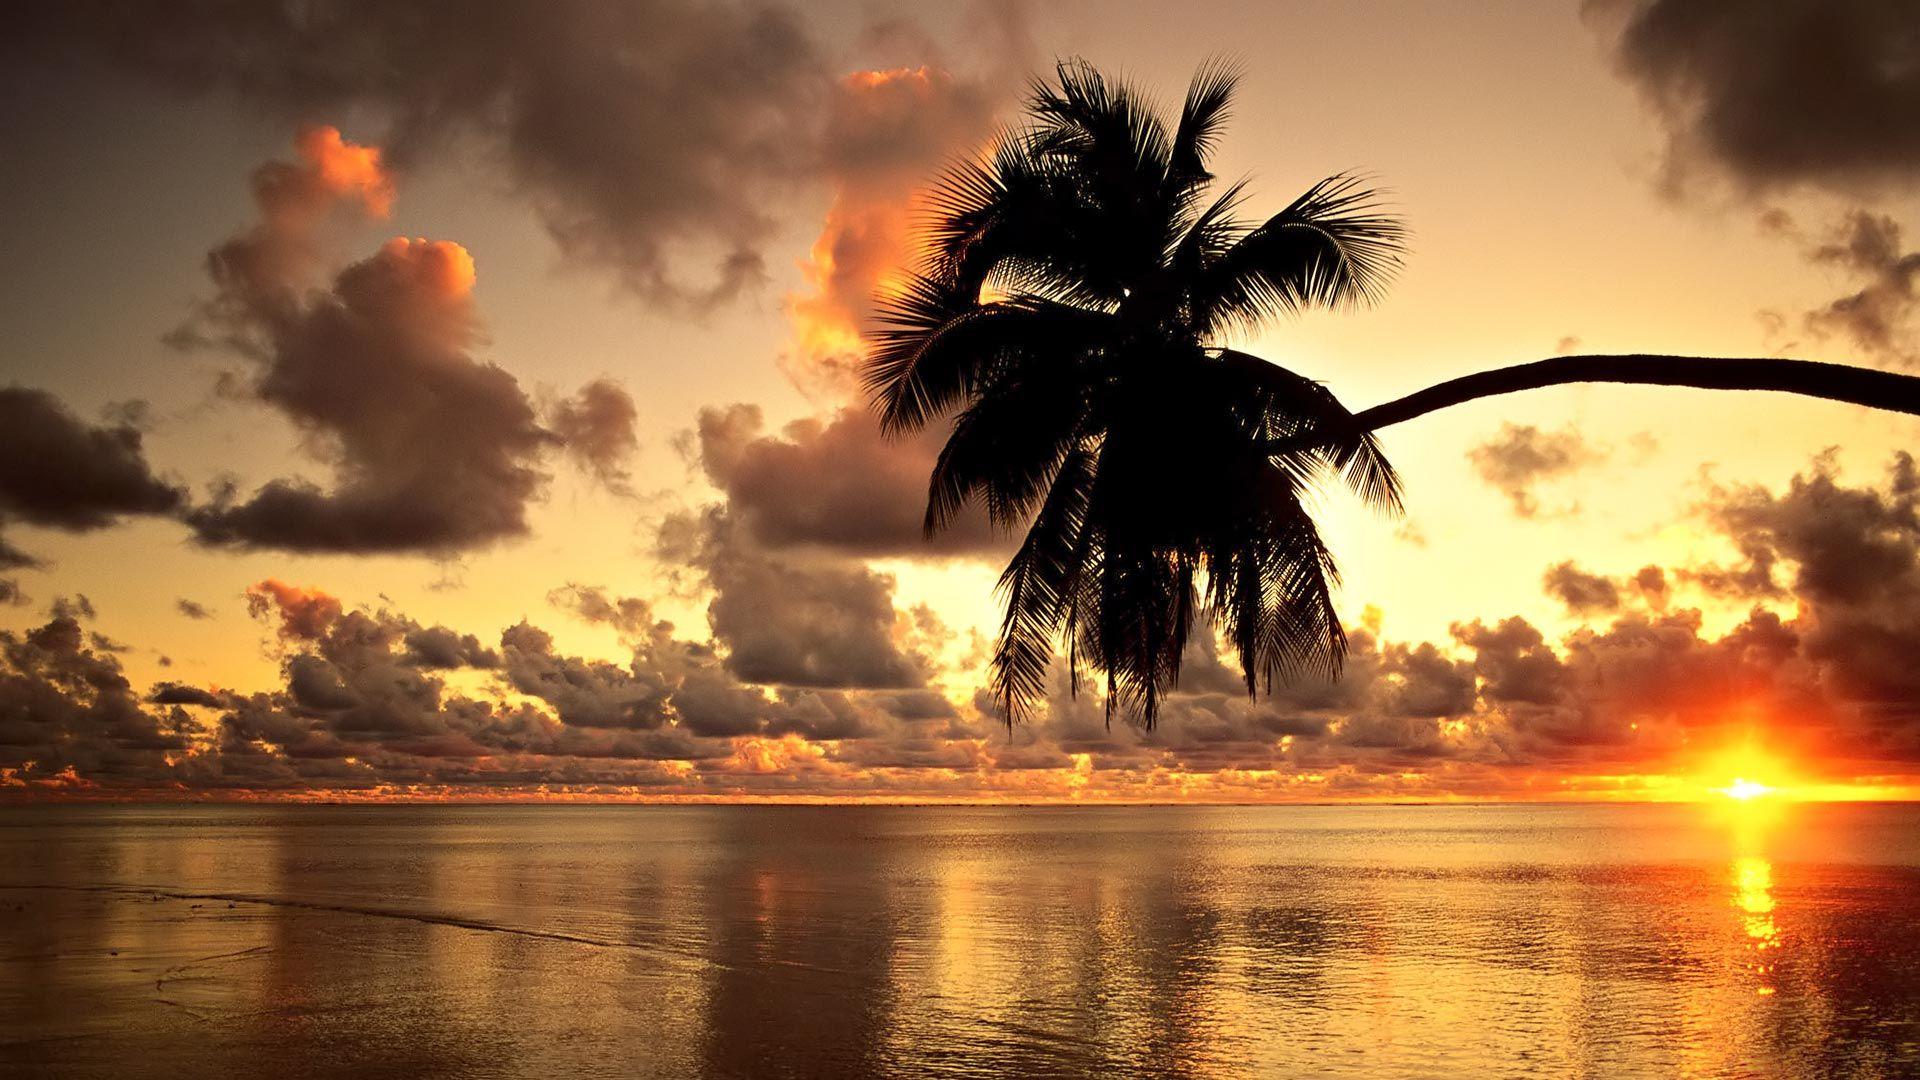 Hawaii Beach Sunset Wallpaper Hawaii Sunset Beach Hd Wallpaper